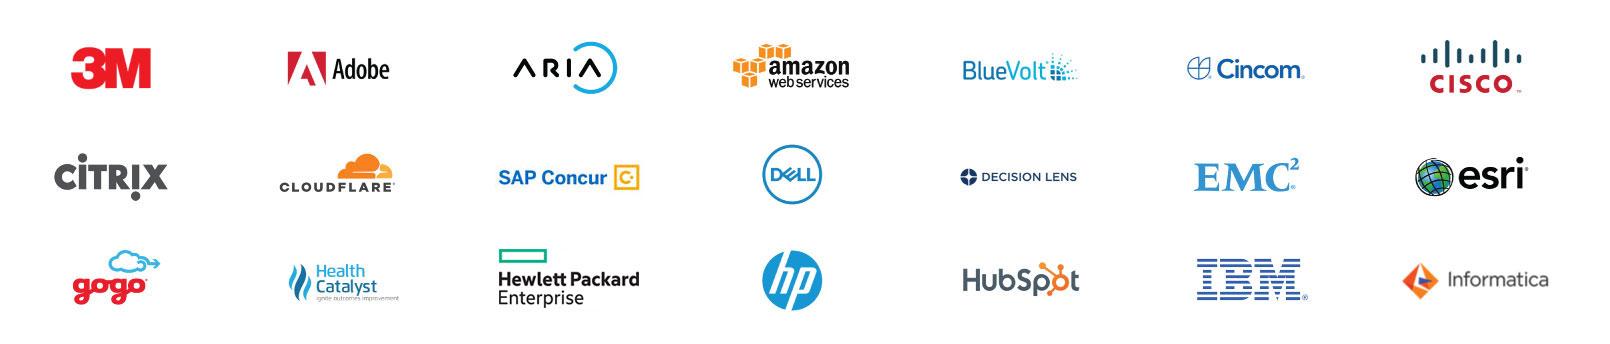 B2B Market Research Firm | Tech Marketing | Cascade Insights